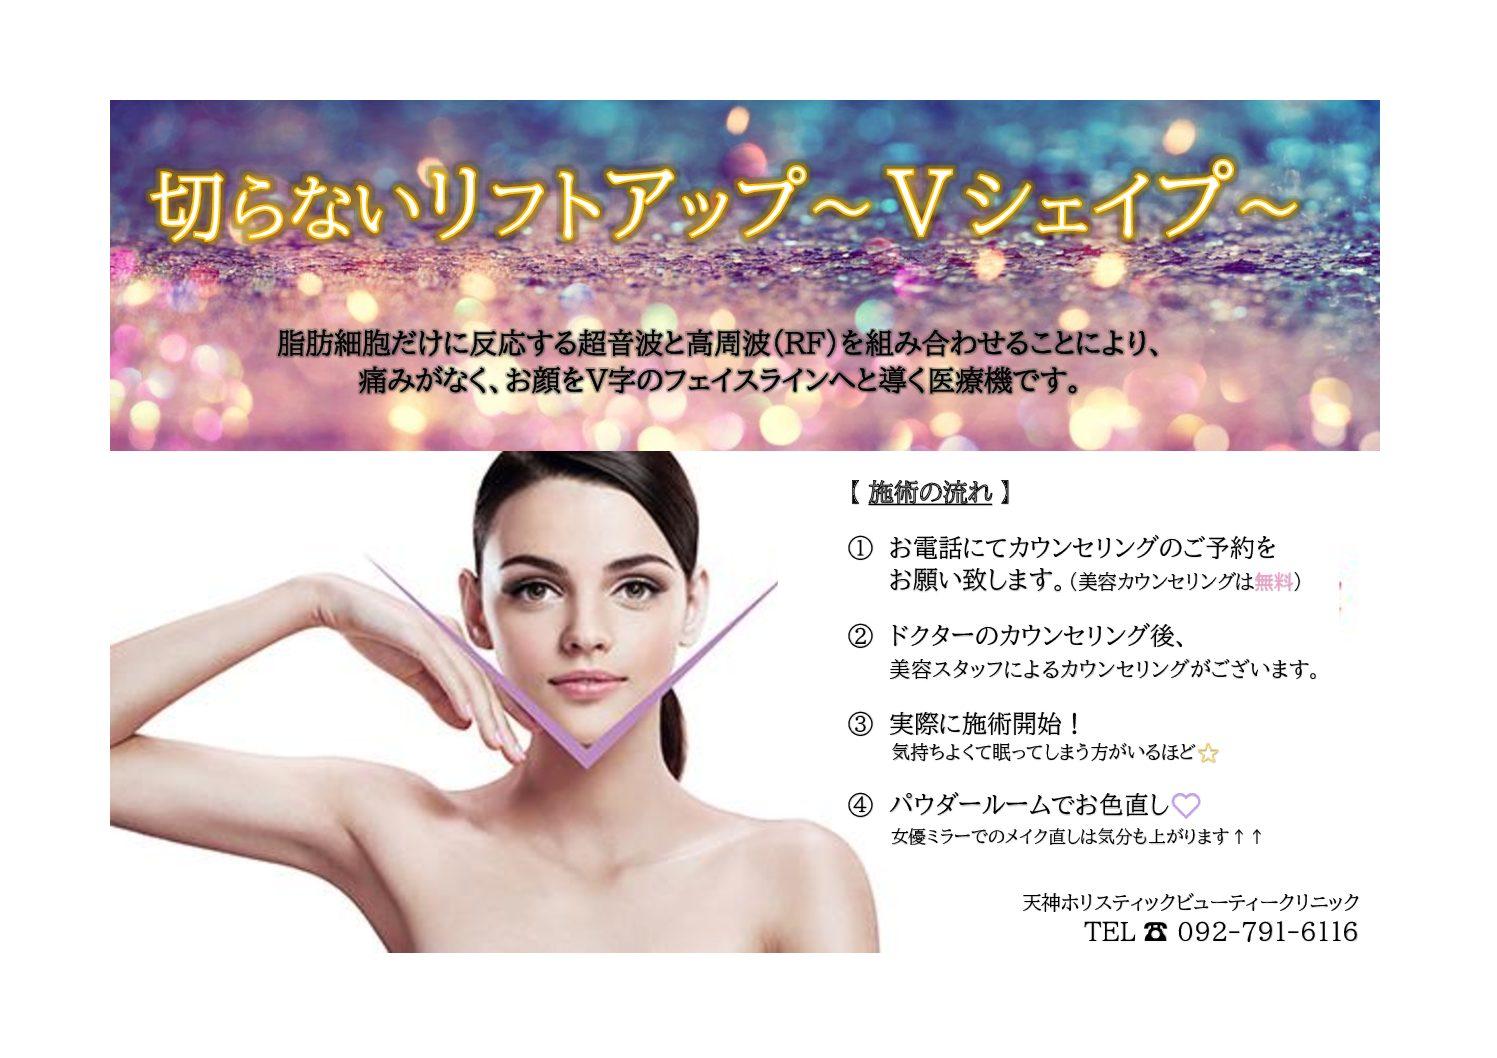 【美容】たるみ・小顔治療🐰Vシェイプ